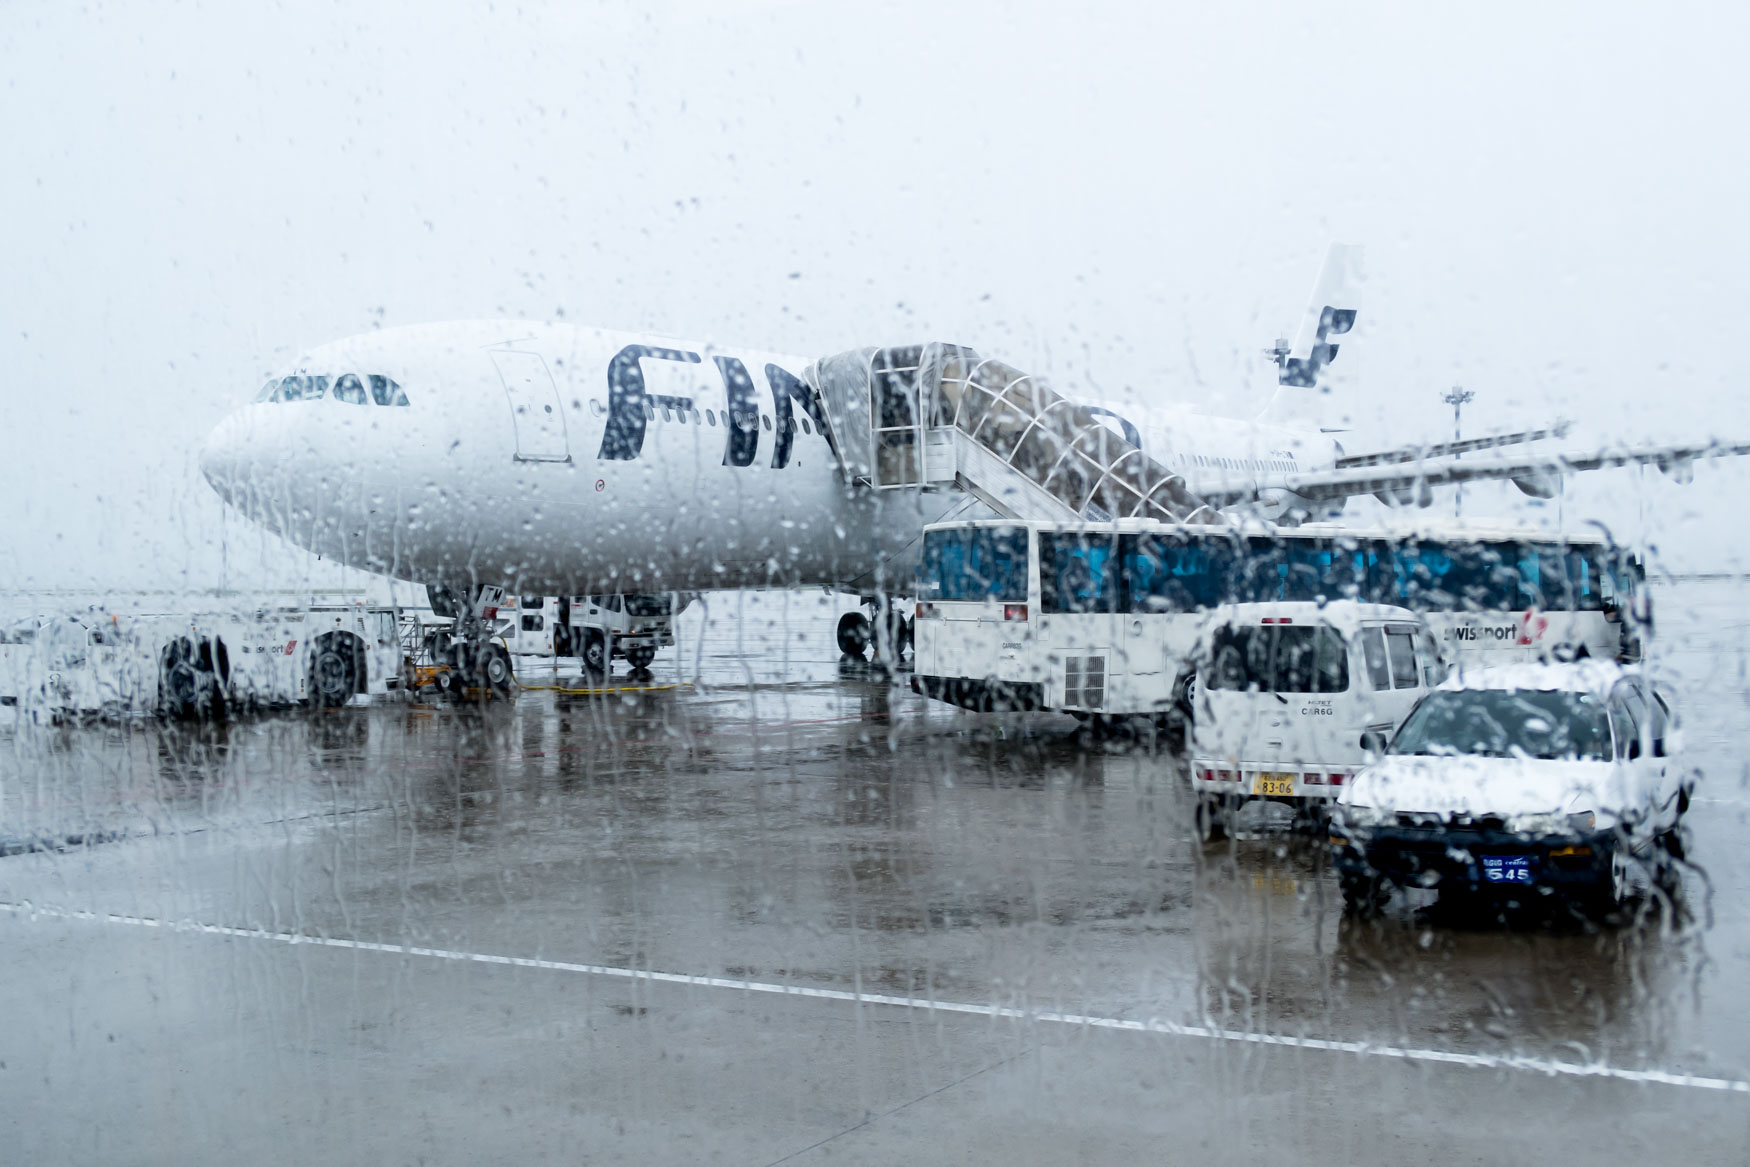 Finnair A330-300